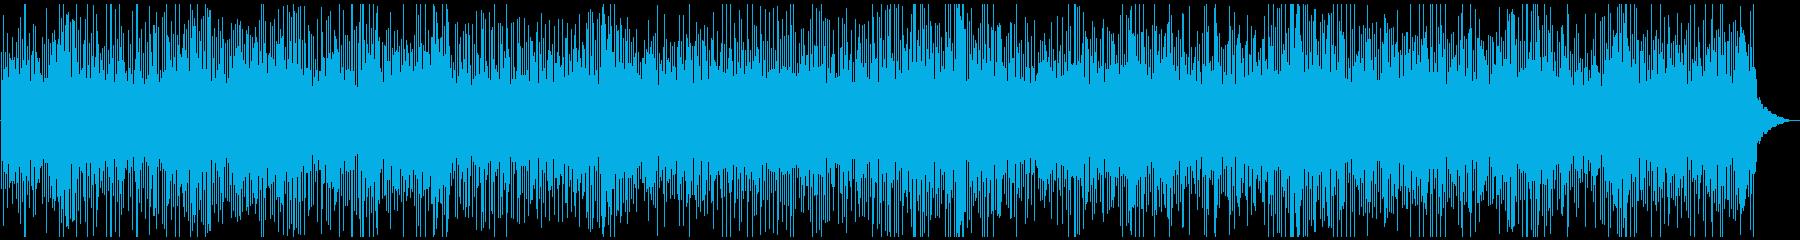 マンドリンが心地よいリズムのブルーグラスの再生済みの波形